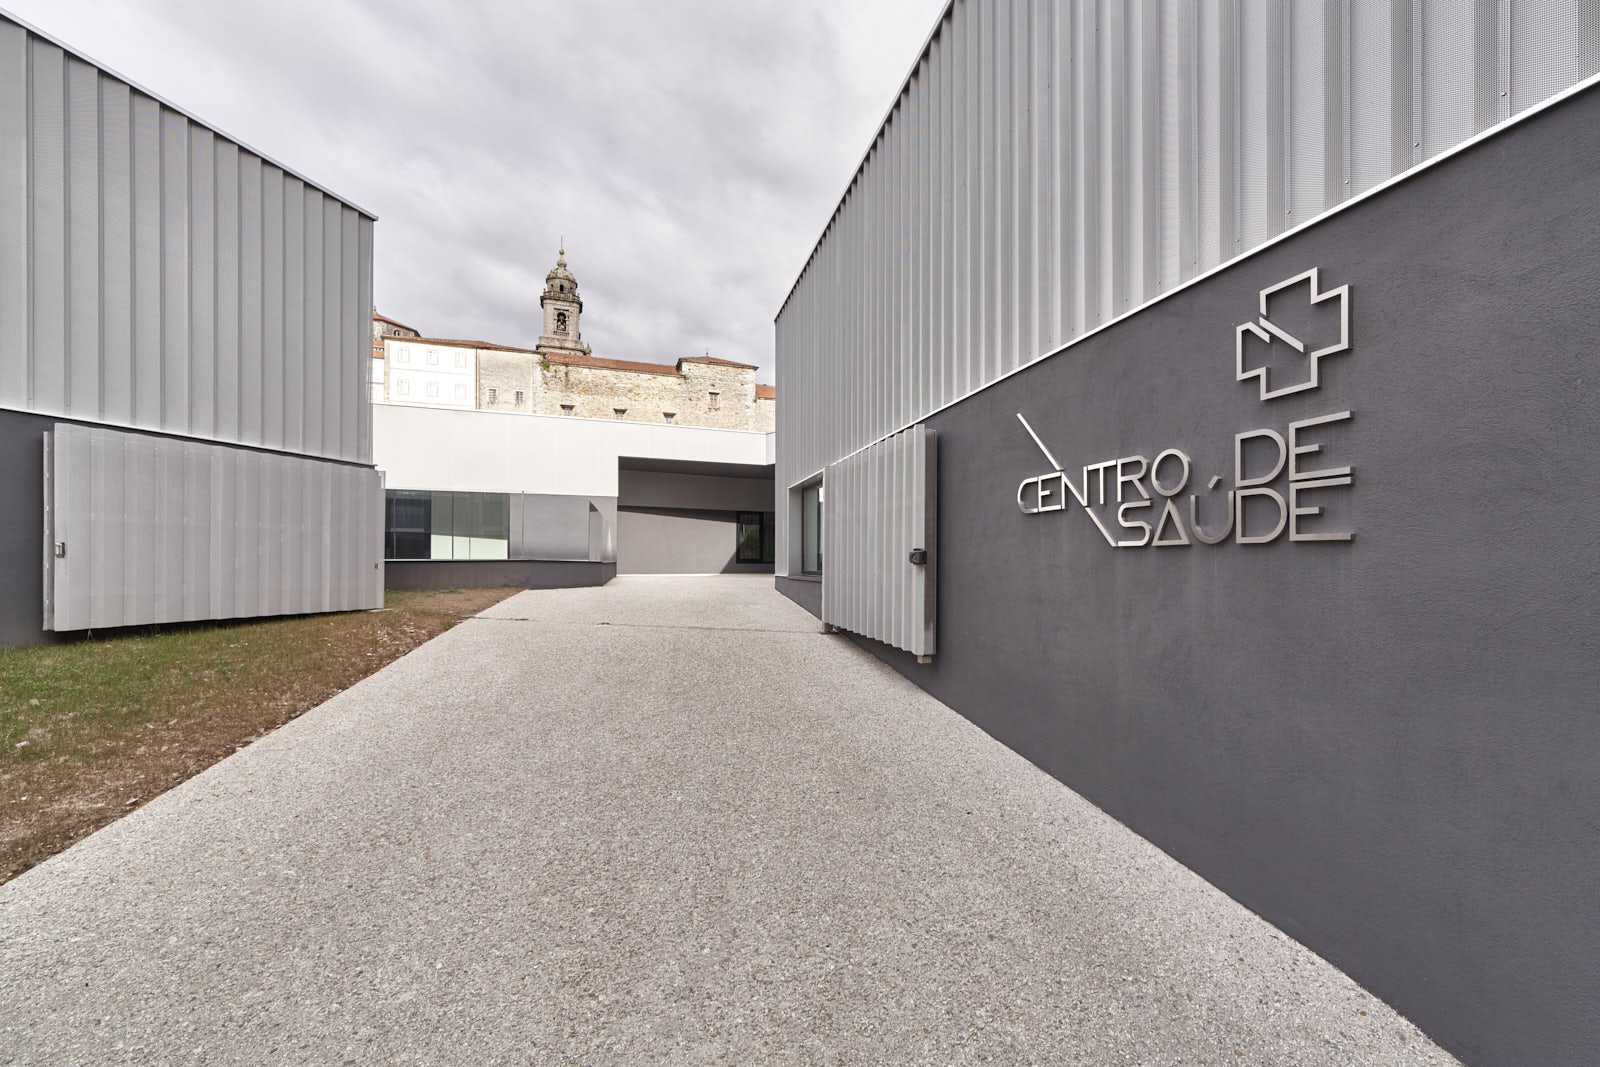 Centro médico Santiago de Compostela